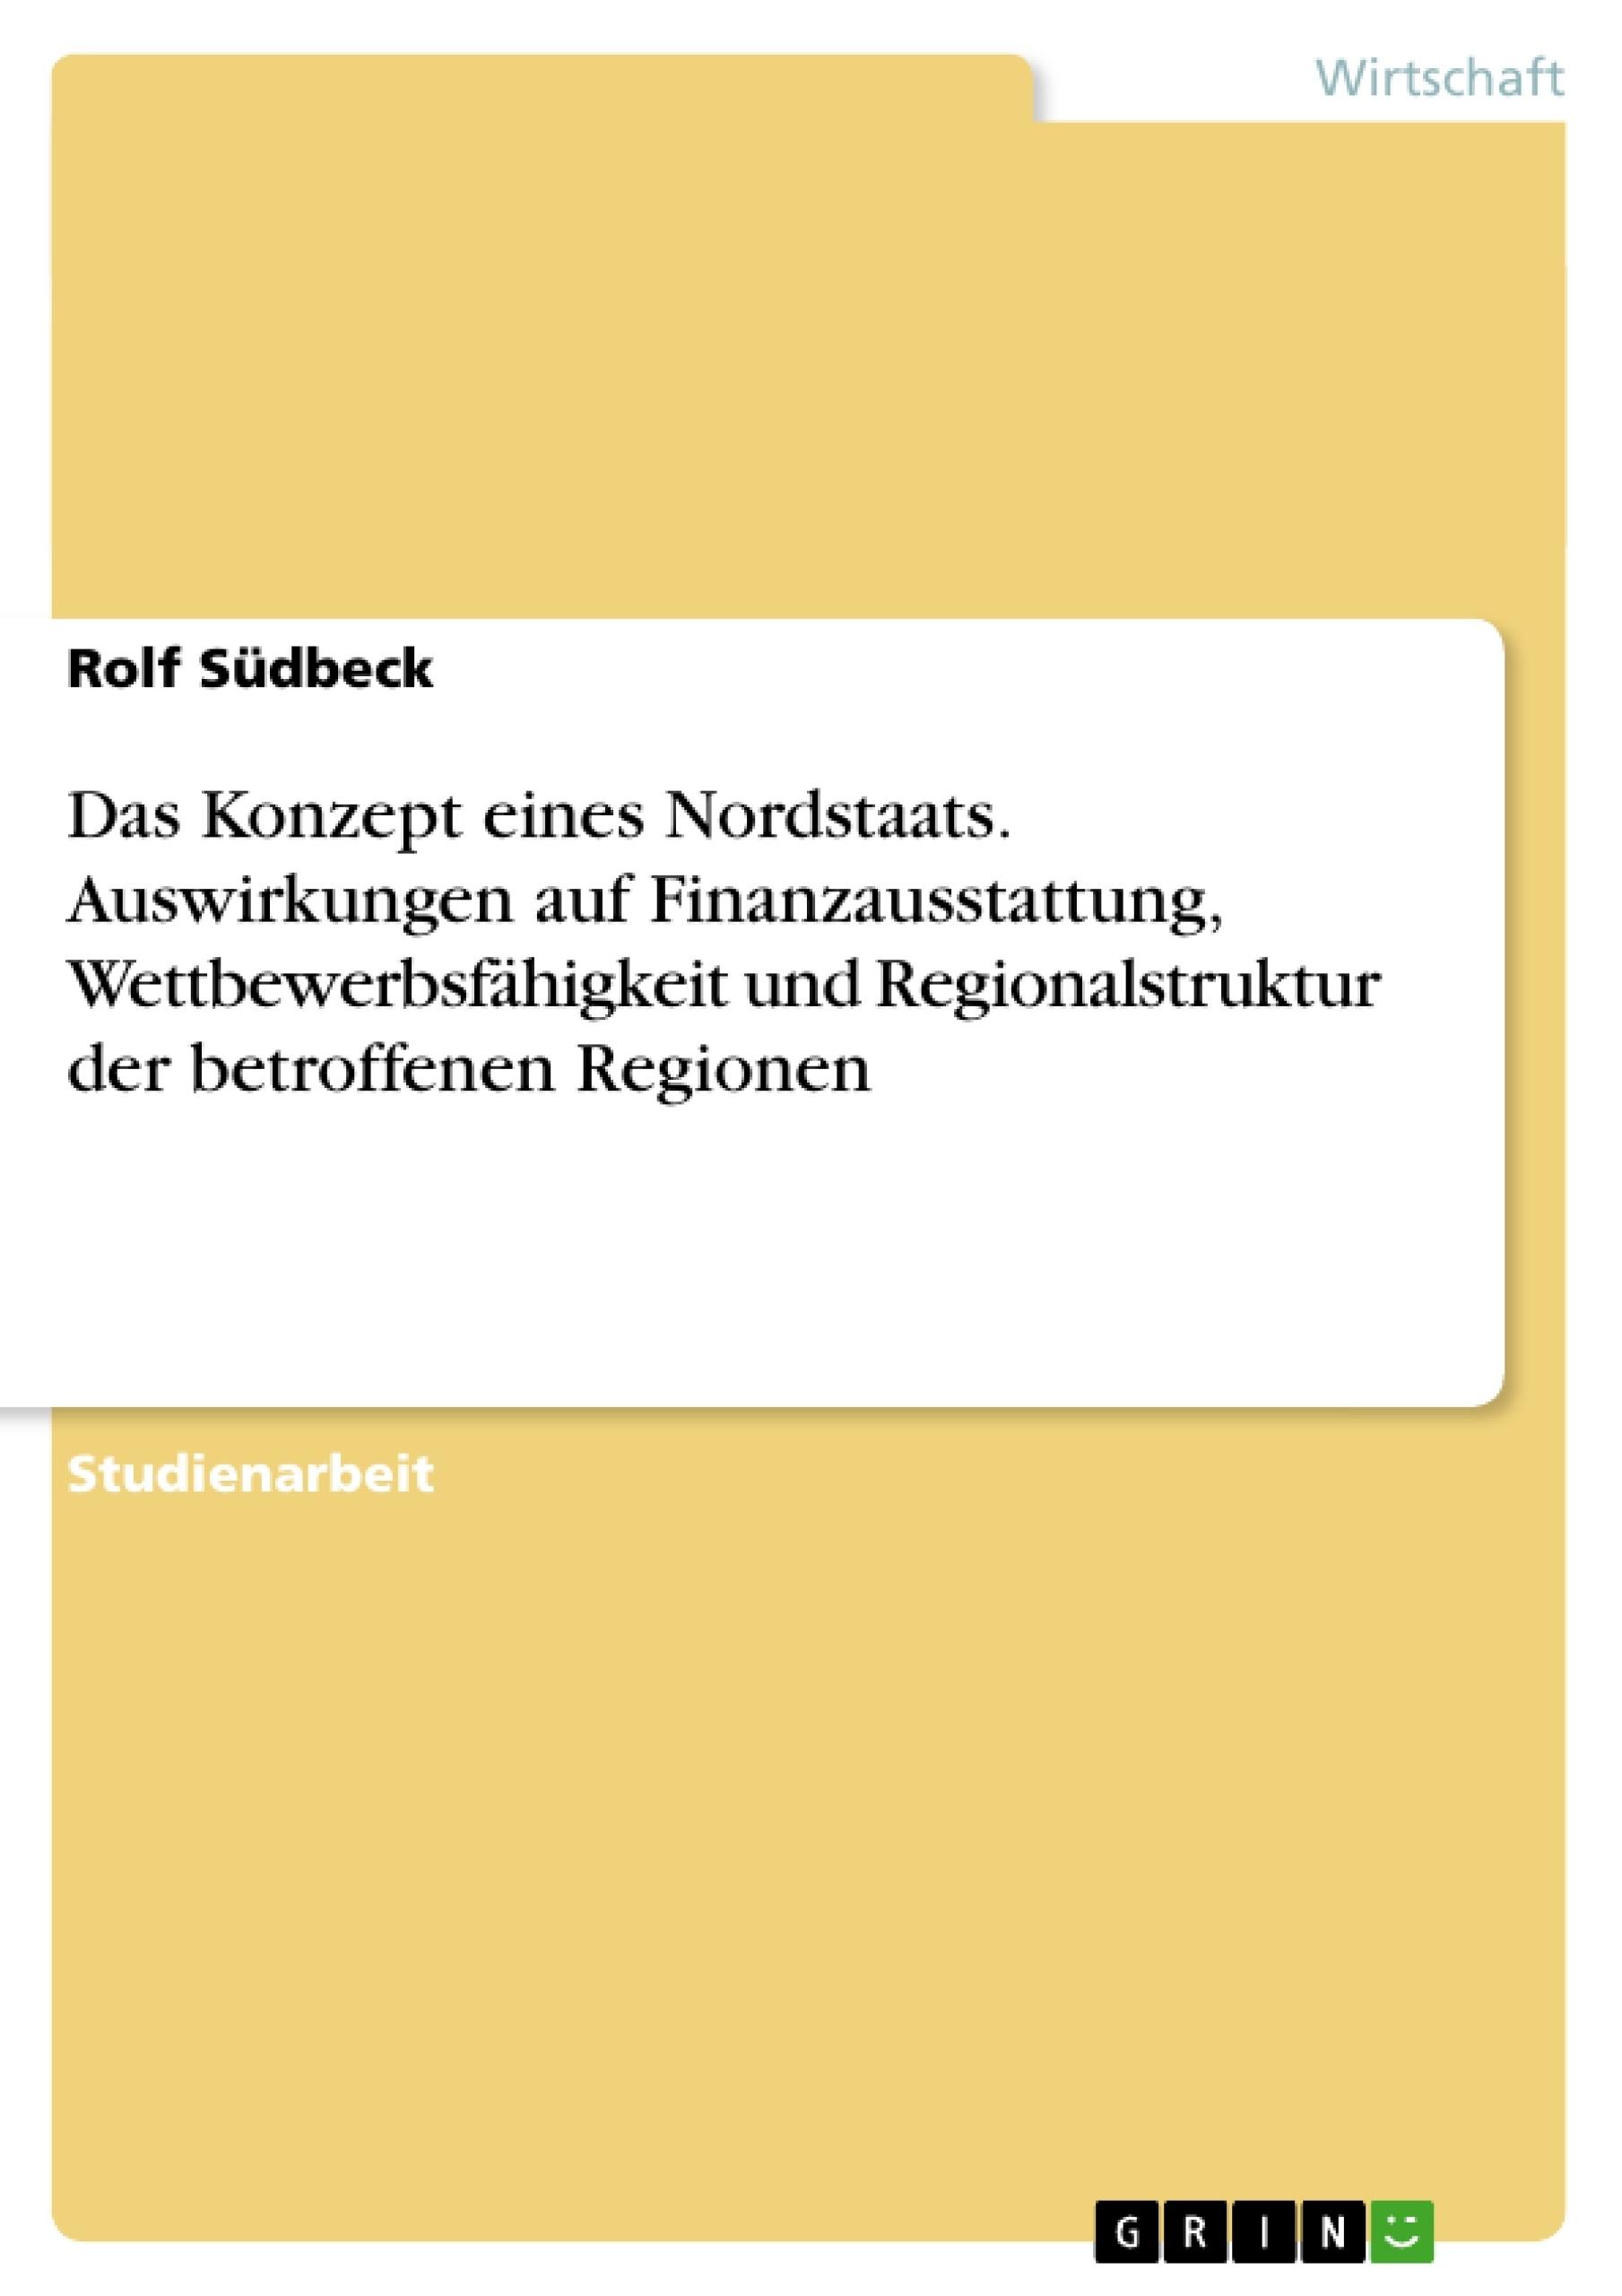 Titel: Das Konzept eines Nordstaats. Auswirkungen auf Finanzausstattung, Wettbewerbsfähigkeit und Regionalstruktur der betroffenen Regionen